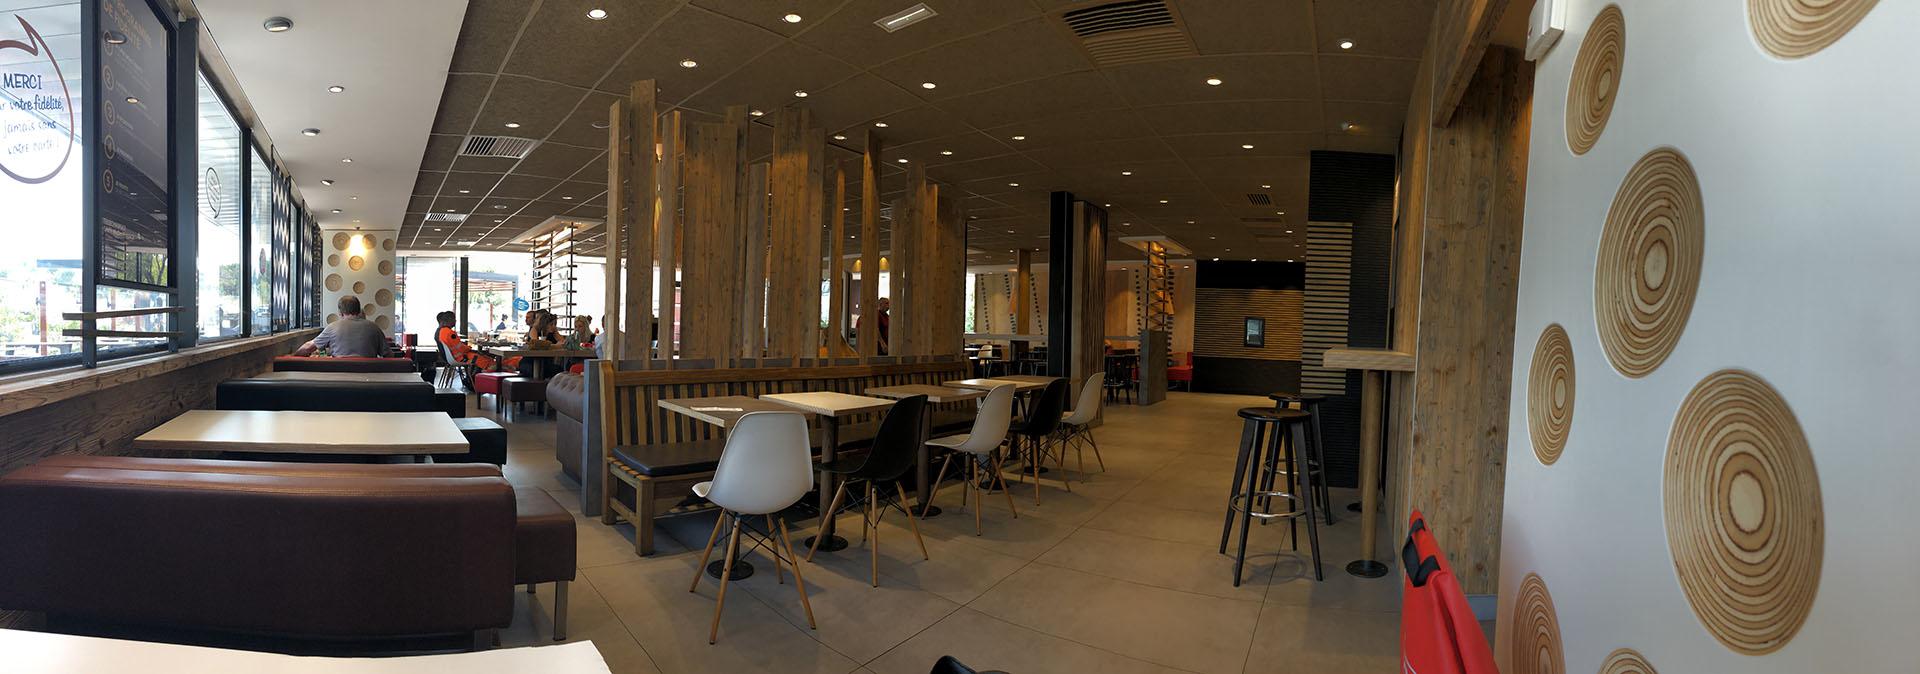 MOB Menuiserie Agencement Design à Orange dans le Vaucluse Agencement